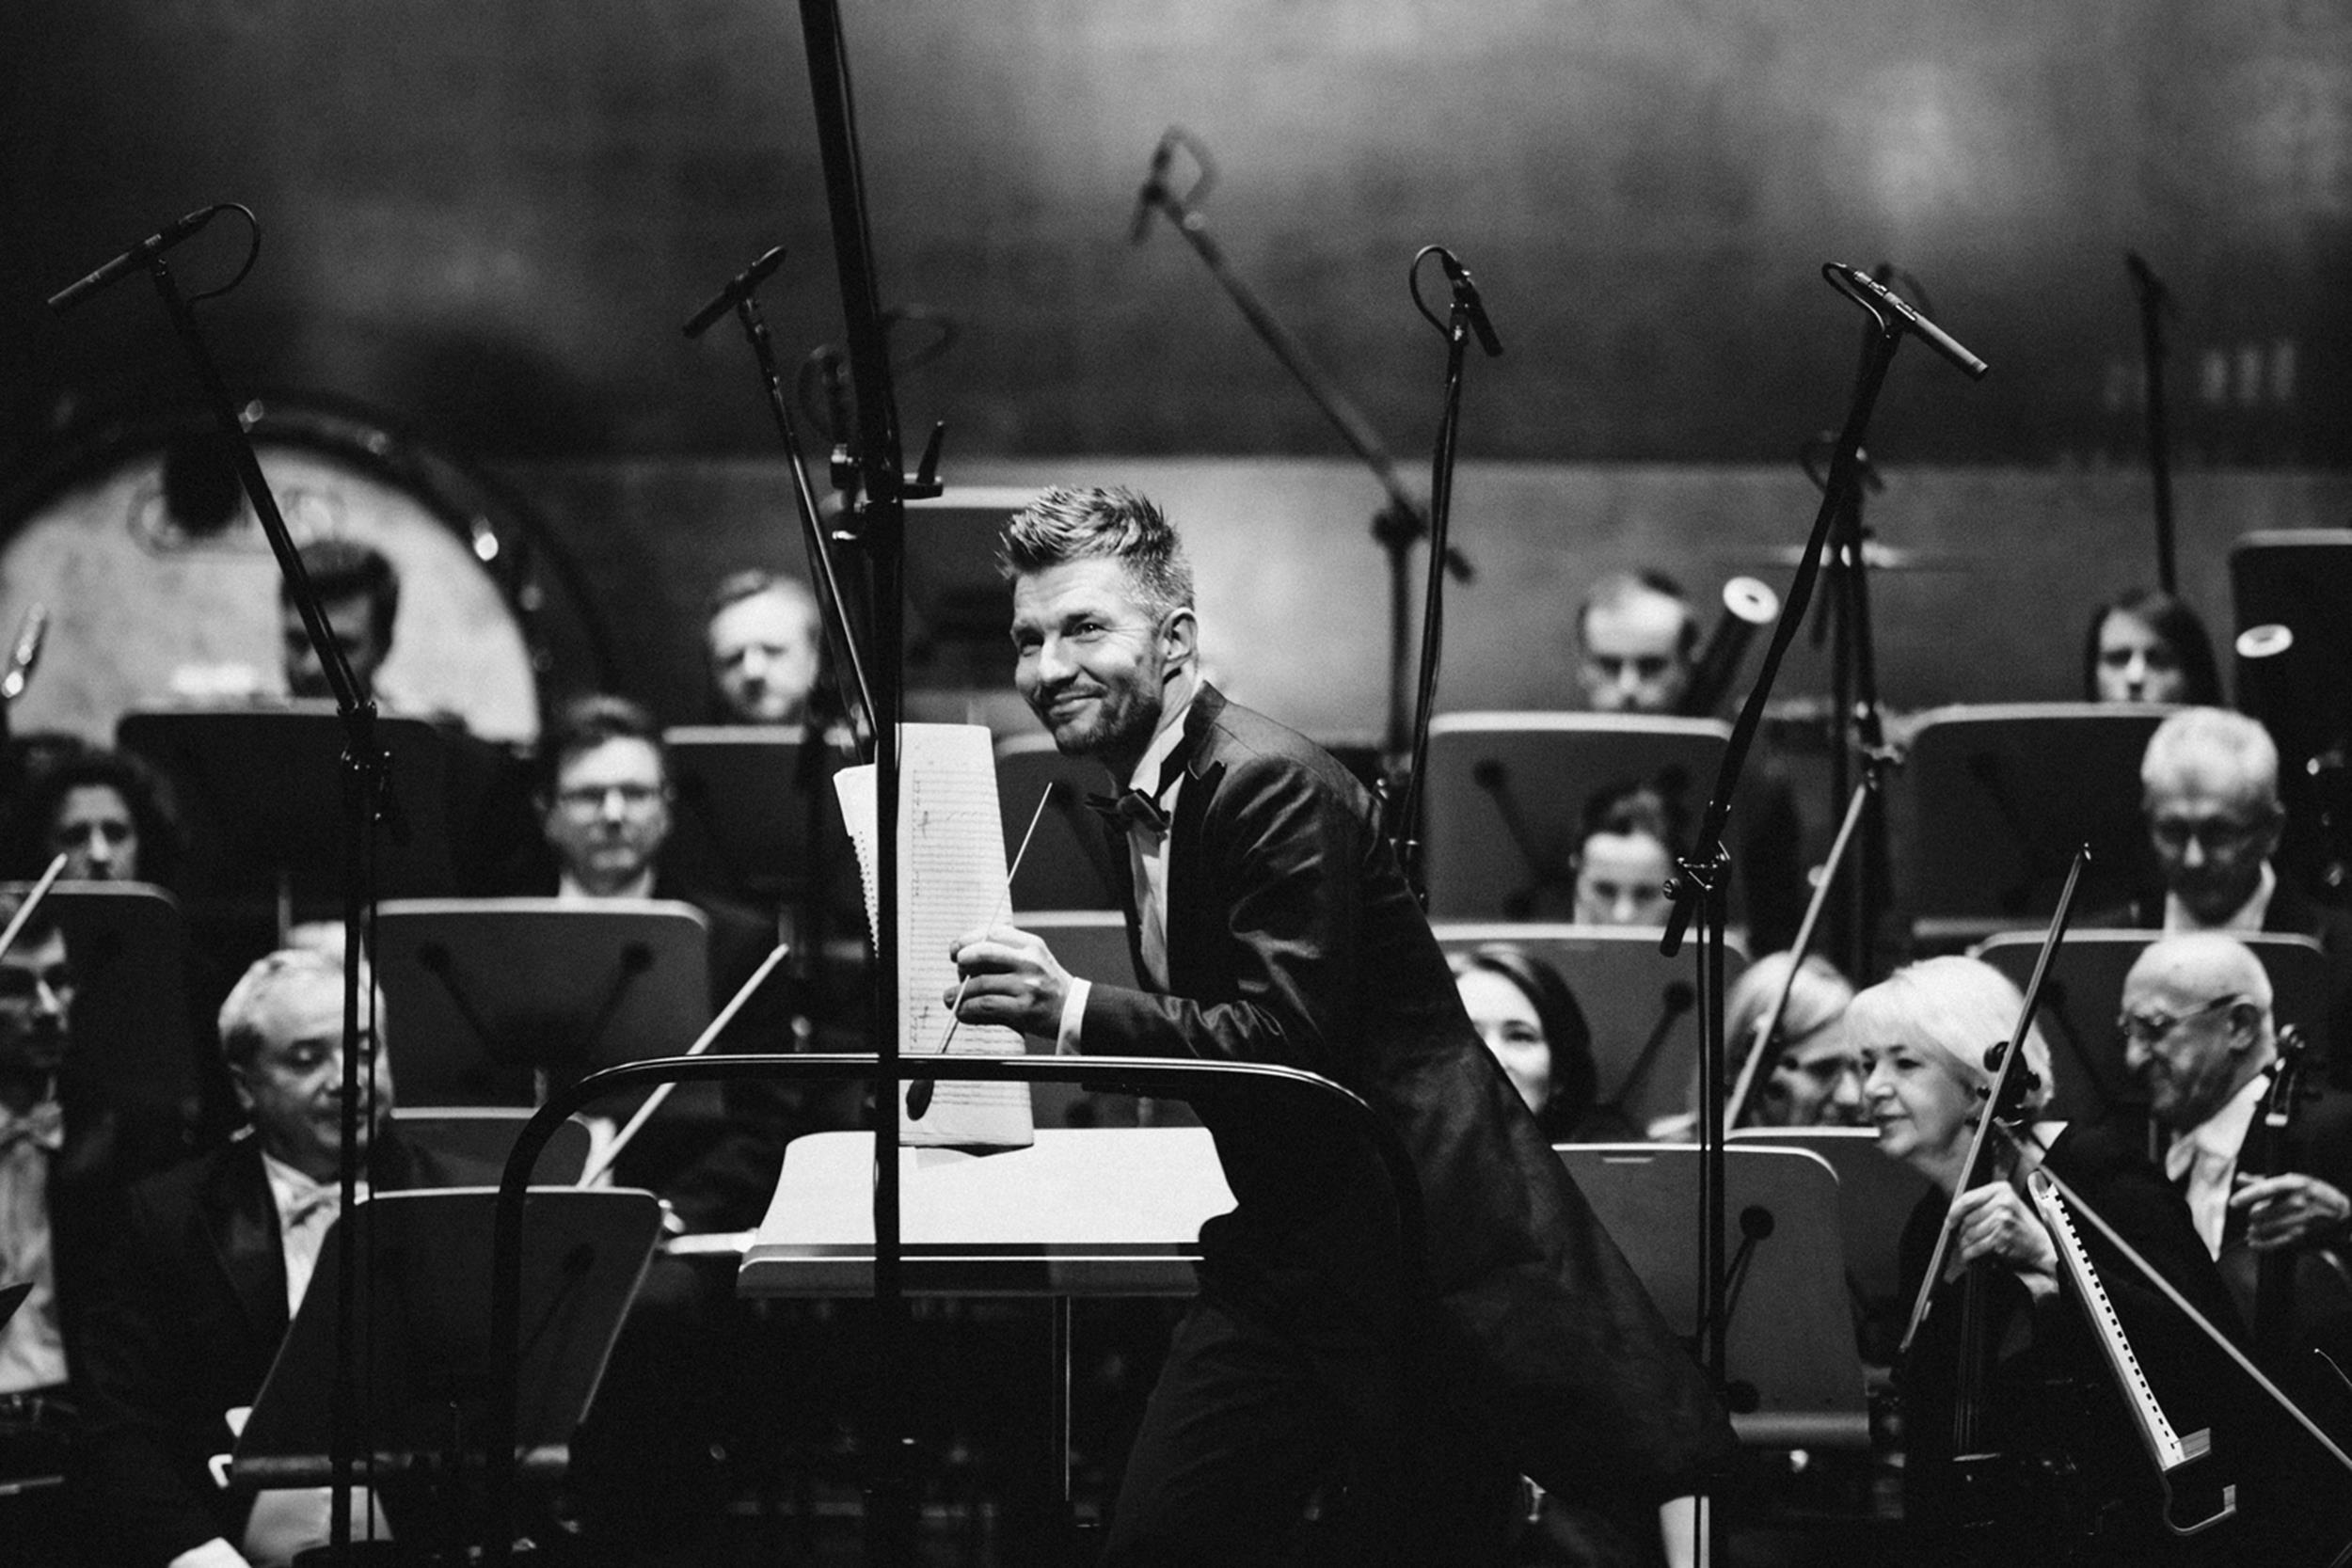 Adam Sztaba i Orkiestra Filharmonii w  Fot. Kinga Karpati&Daniel Zarewicz PRESTIGE PORTRAIT